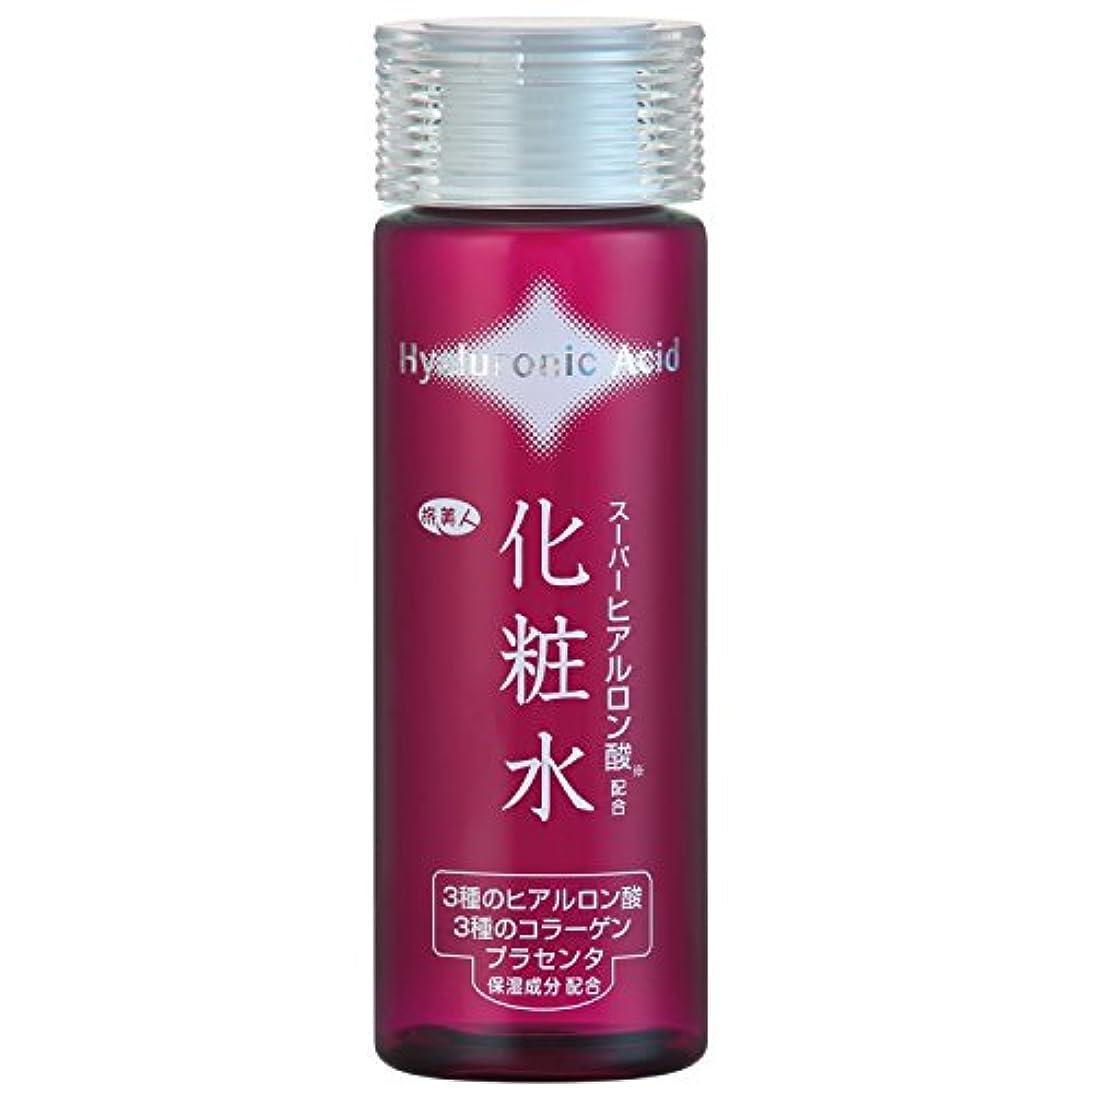 バッフルレシピ遠えアズマ商事のスーパーヒアルロン酸配合化粧水